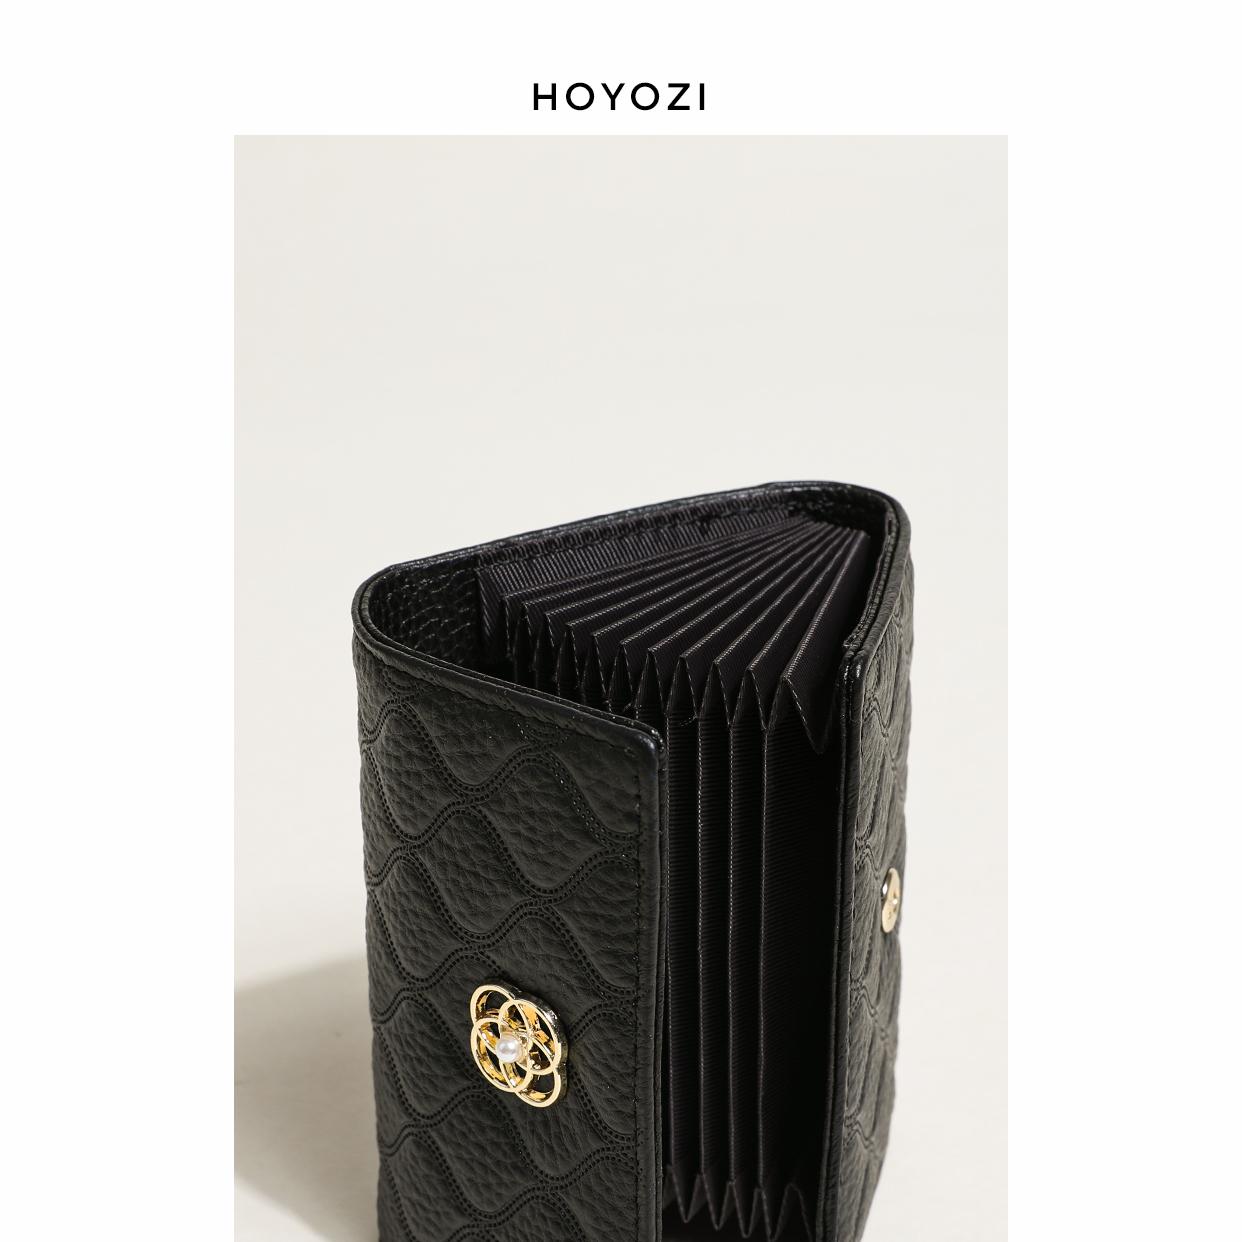 小优家包包 HOYOZI 头层牛皮卡包女小巧包包2021新款包包淘宝优惠券